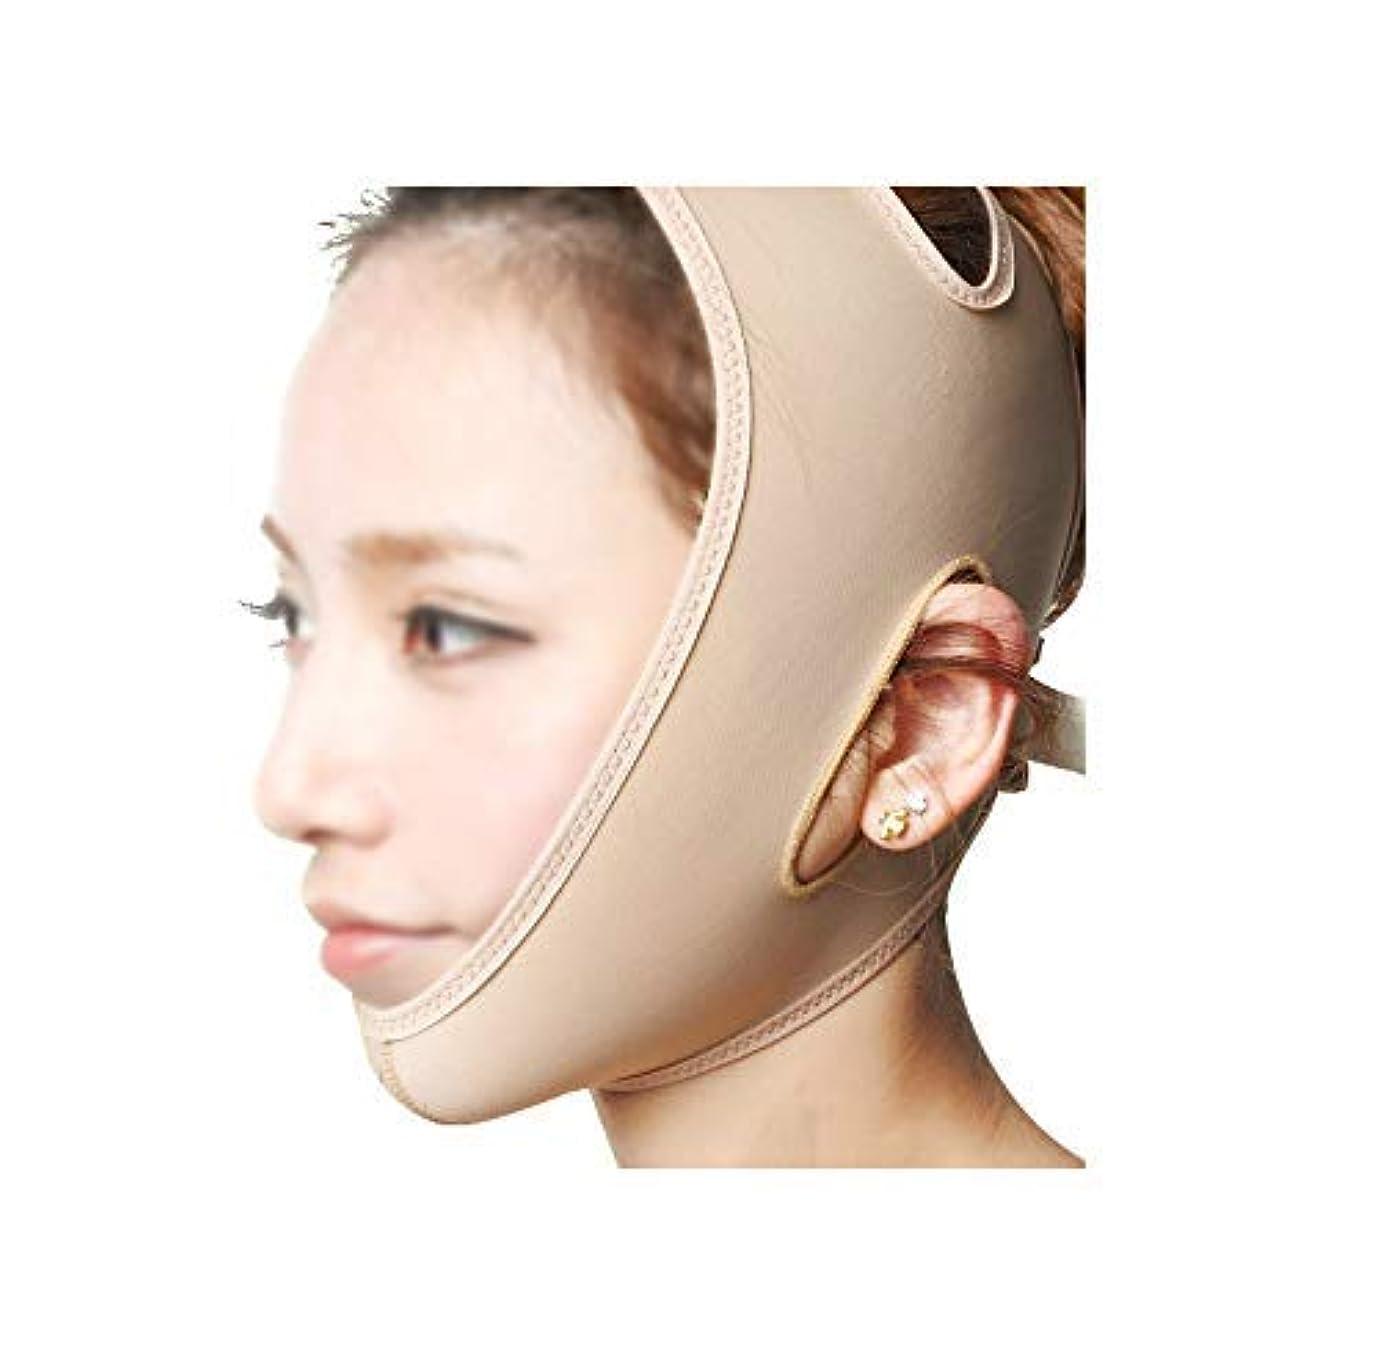 近傍批判的テザーフェイスリフティングバンデージVフェイスインストゥルメントフェイスマスクアーティファクトフェイスリフティングファーミングフェイシャルマッサージ通気性肌のトーン(サイズ:M)